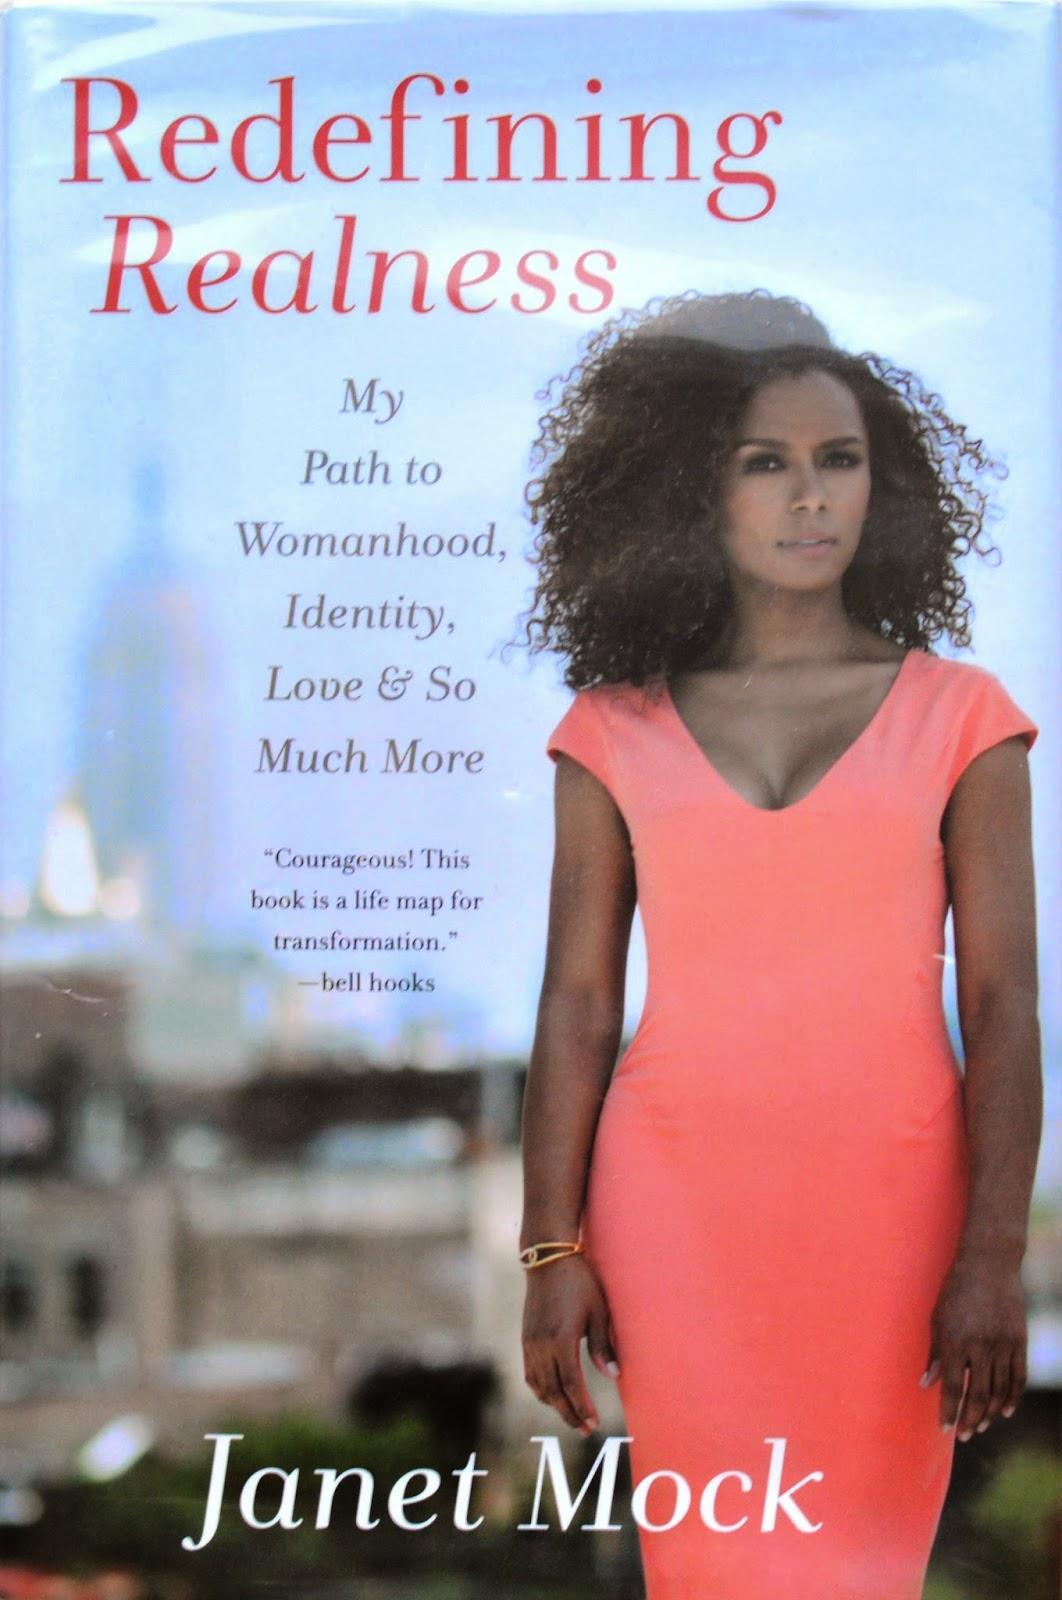 janet mock redefining realness pdf